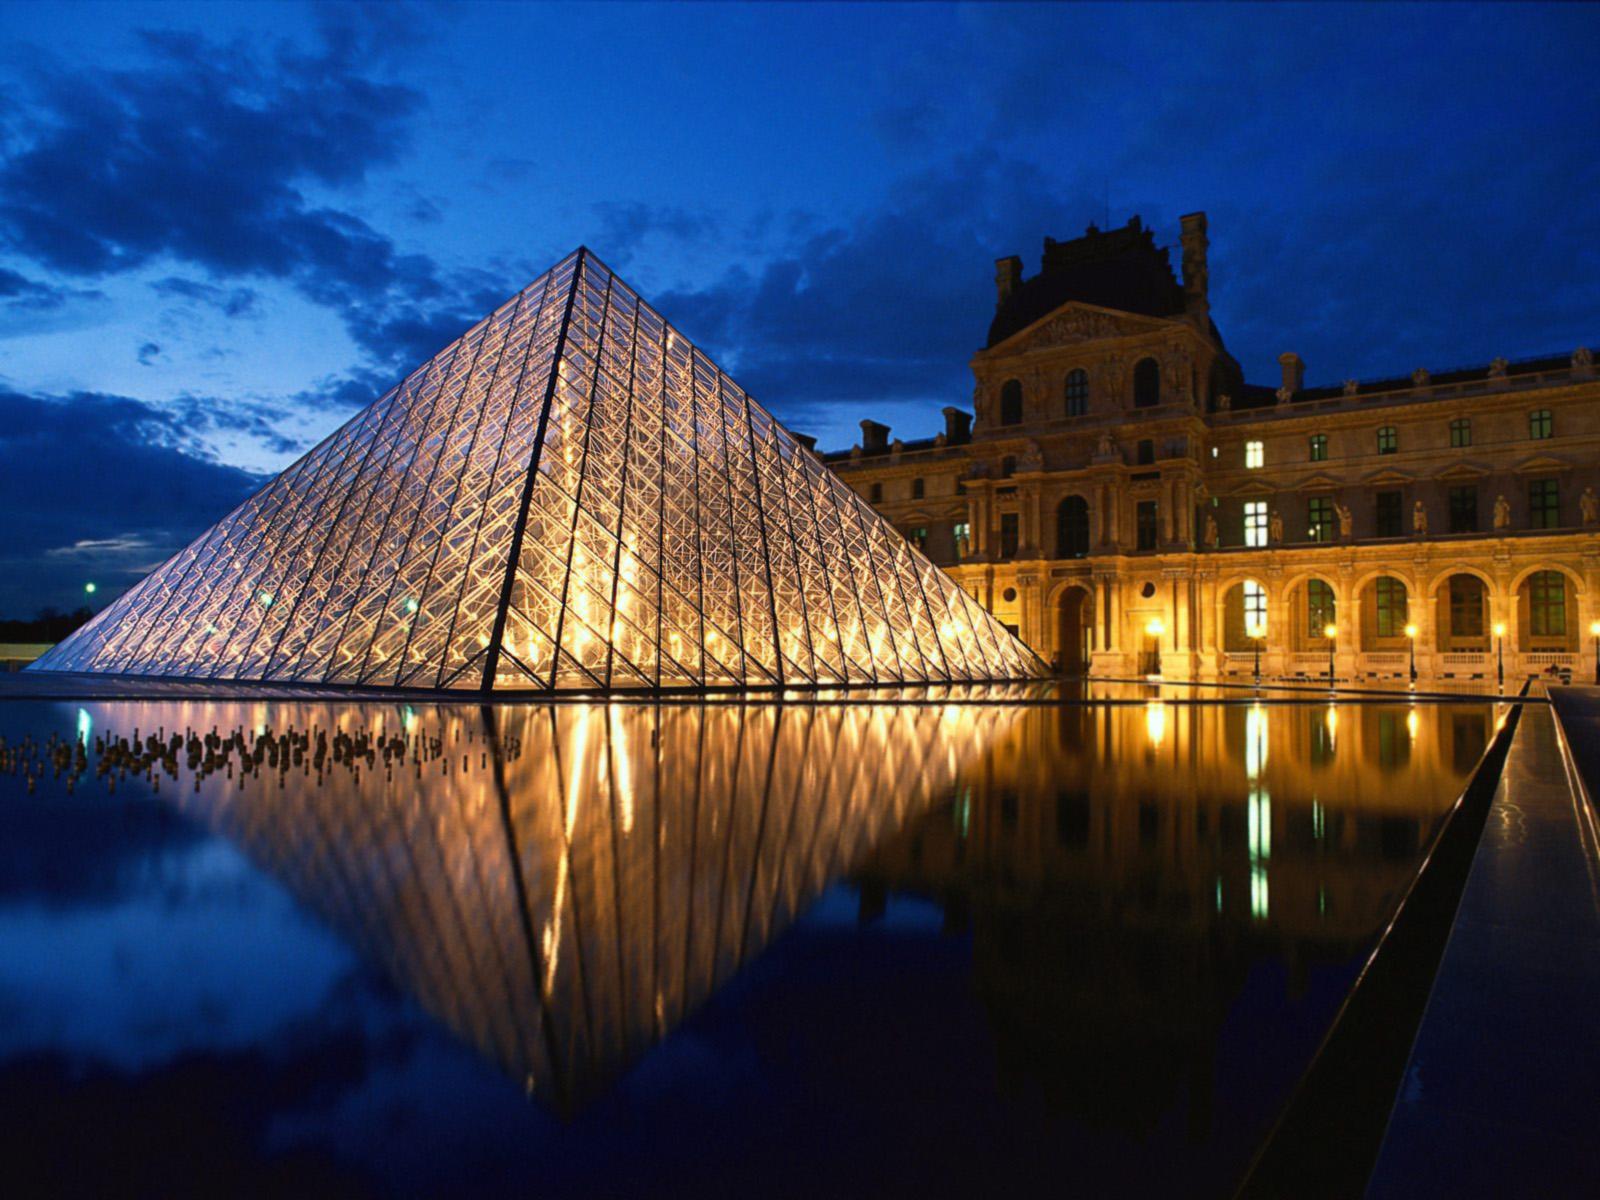 Louvre, Paris in France